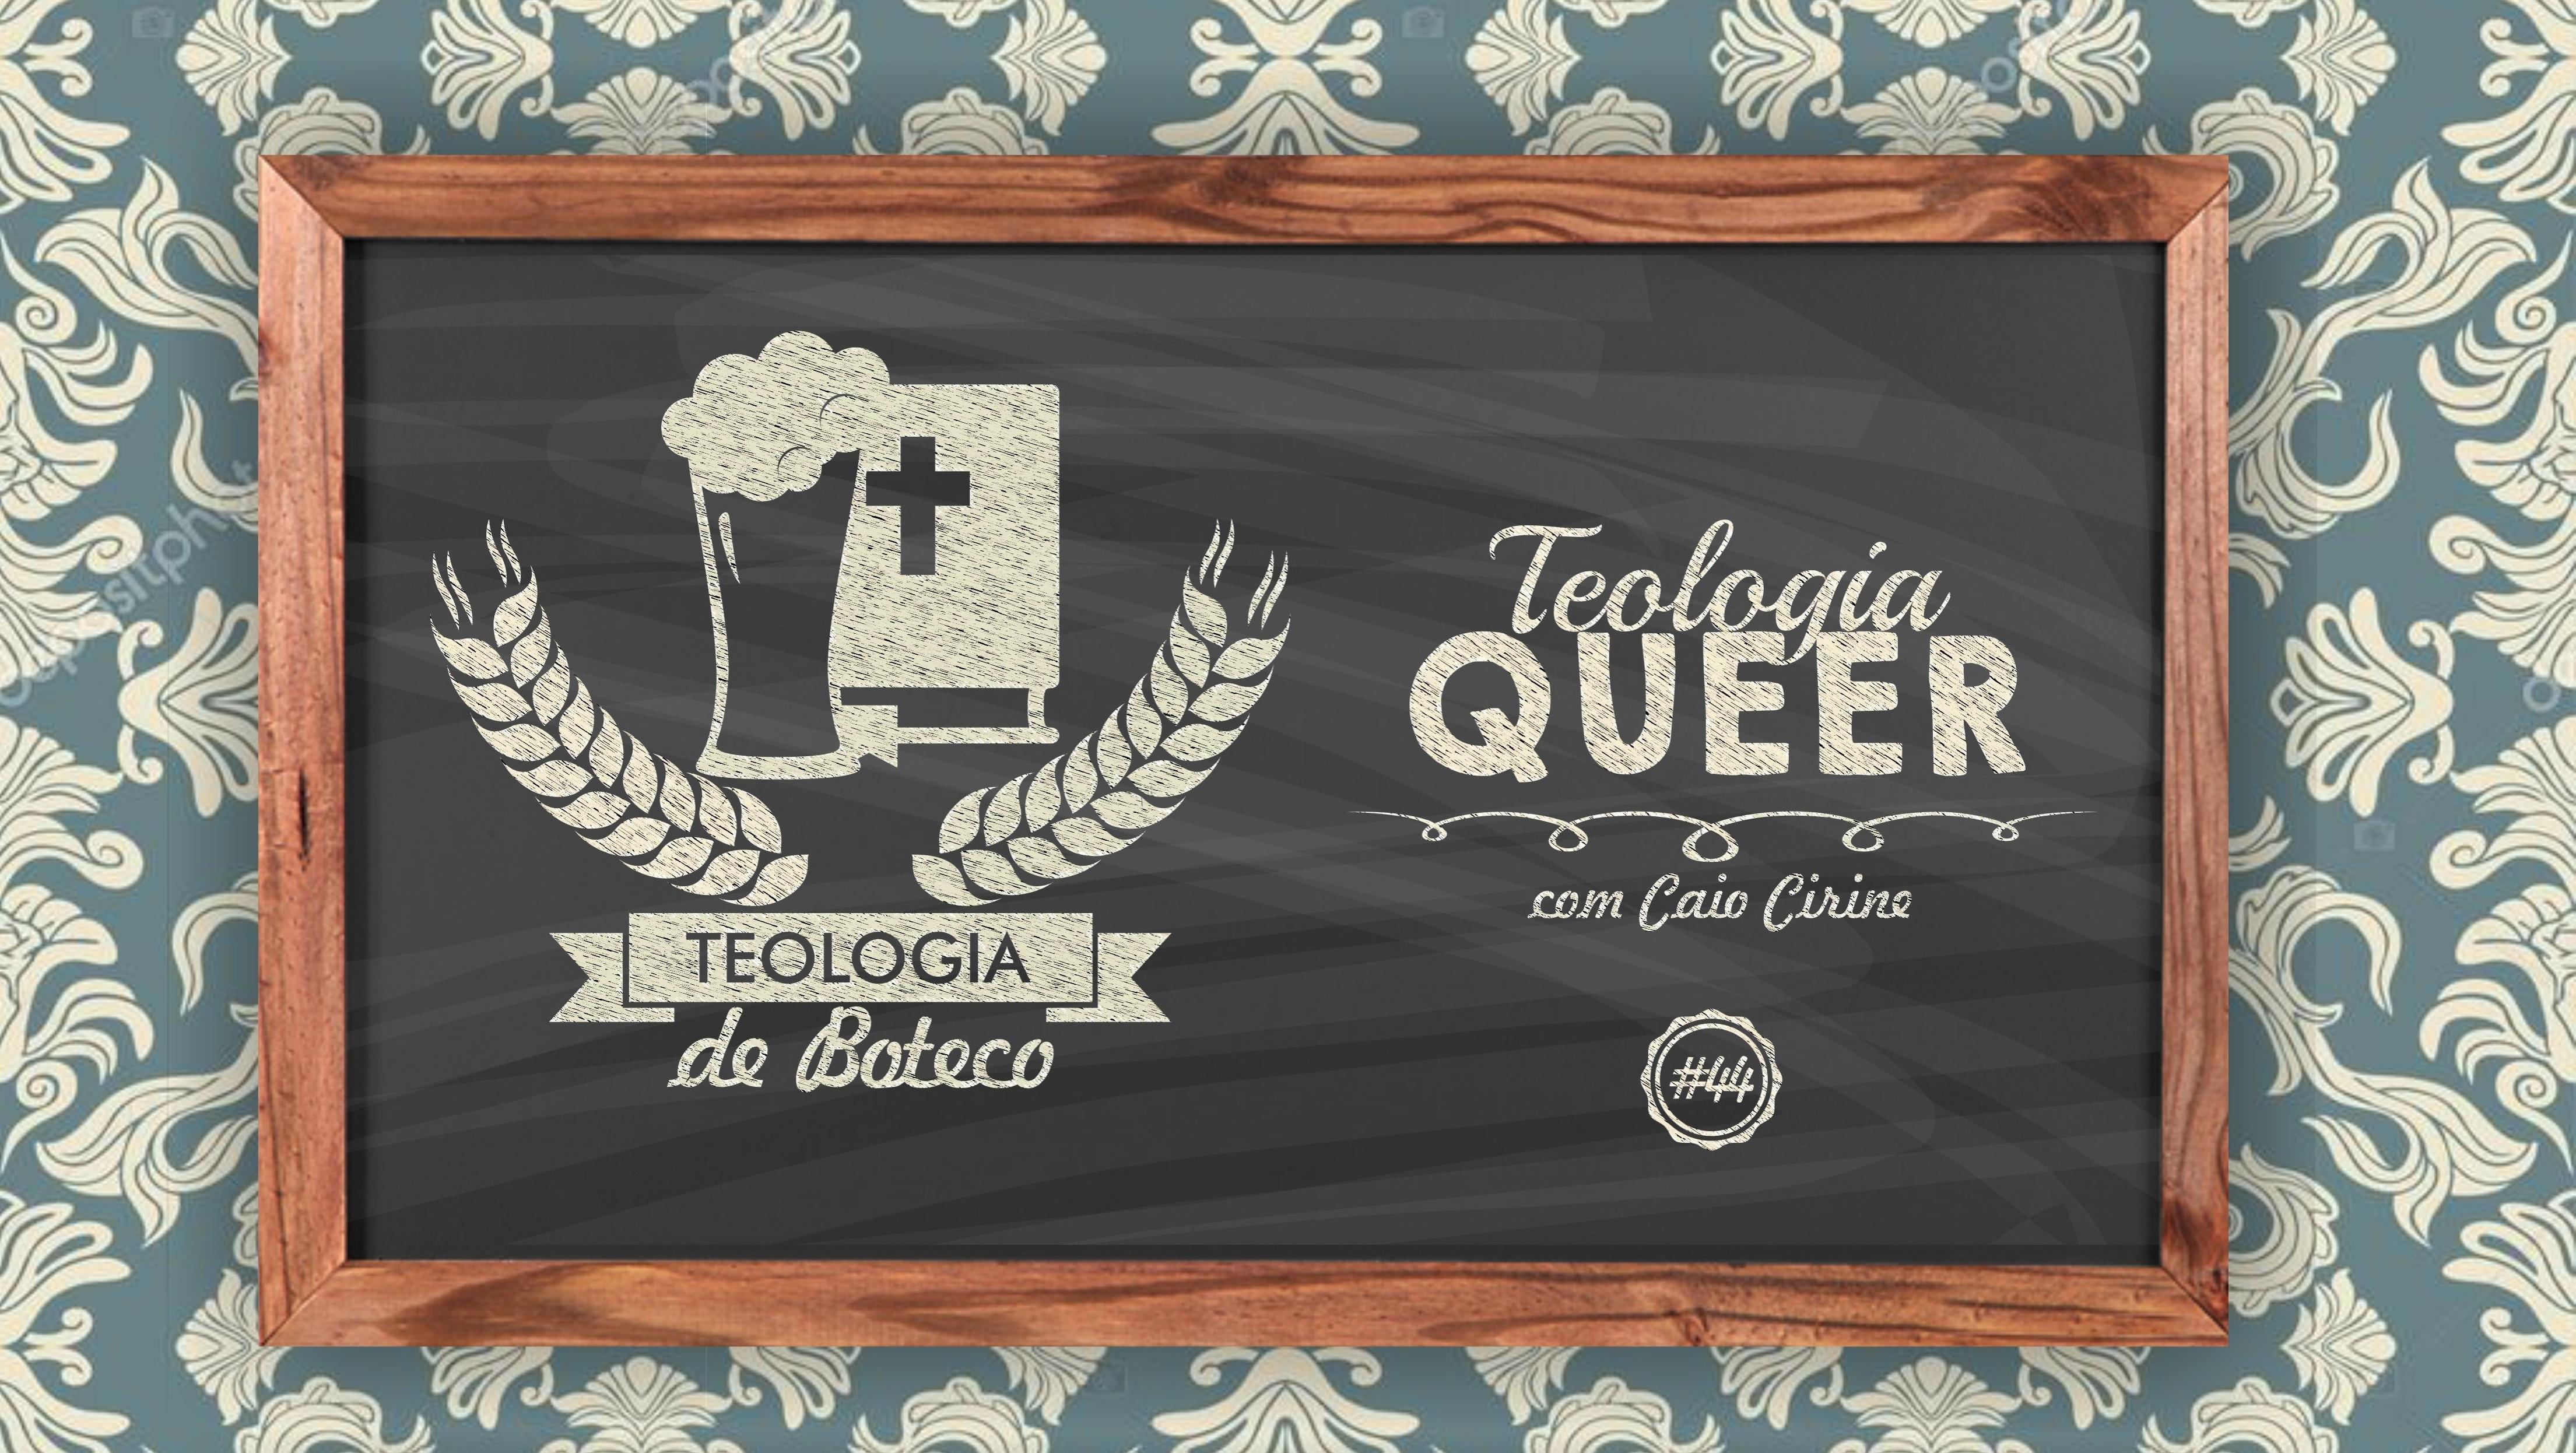 Teologia de Boteco 44 Teologia Queer